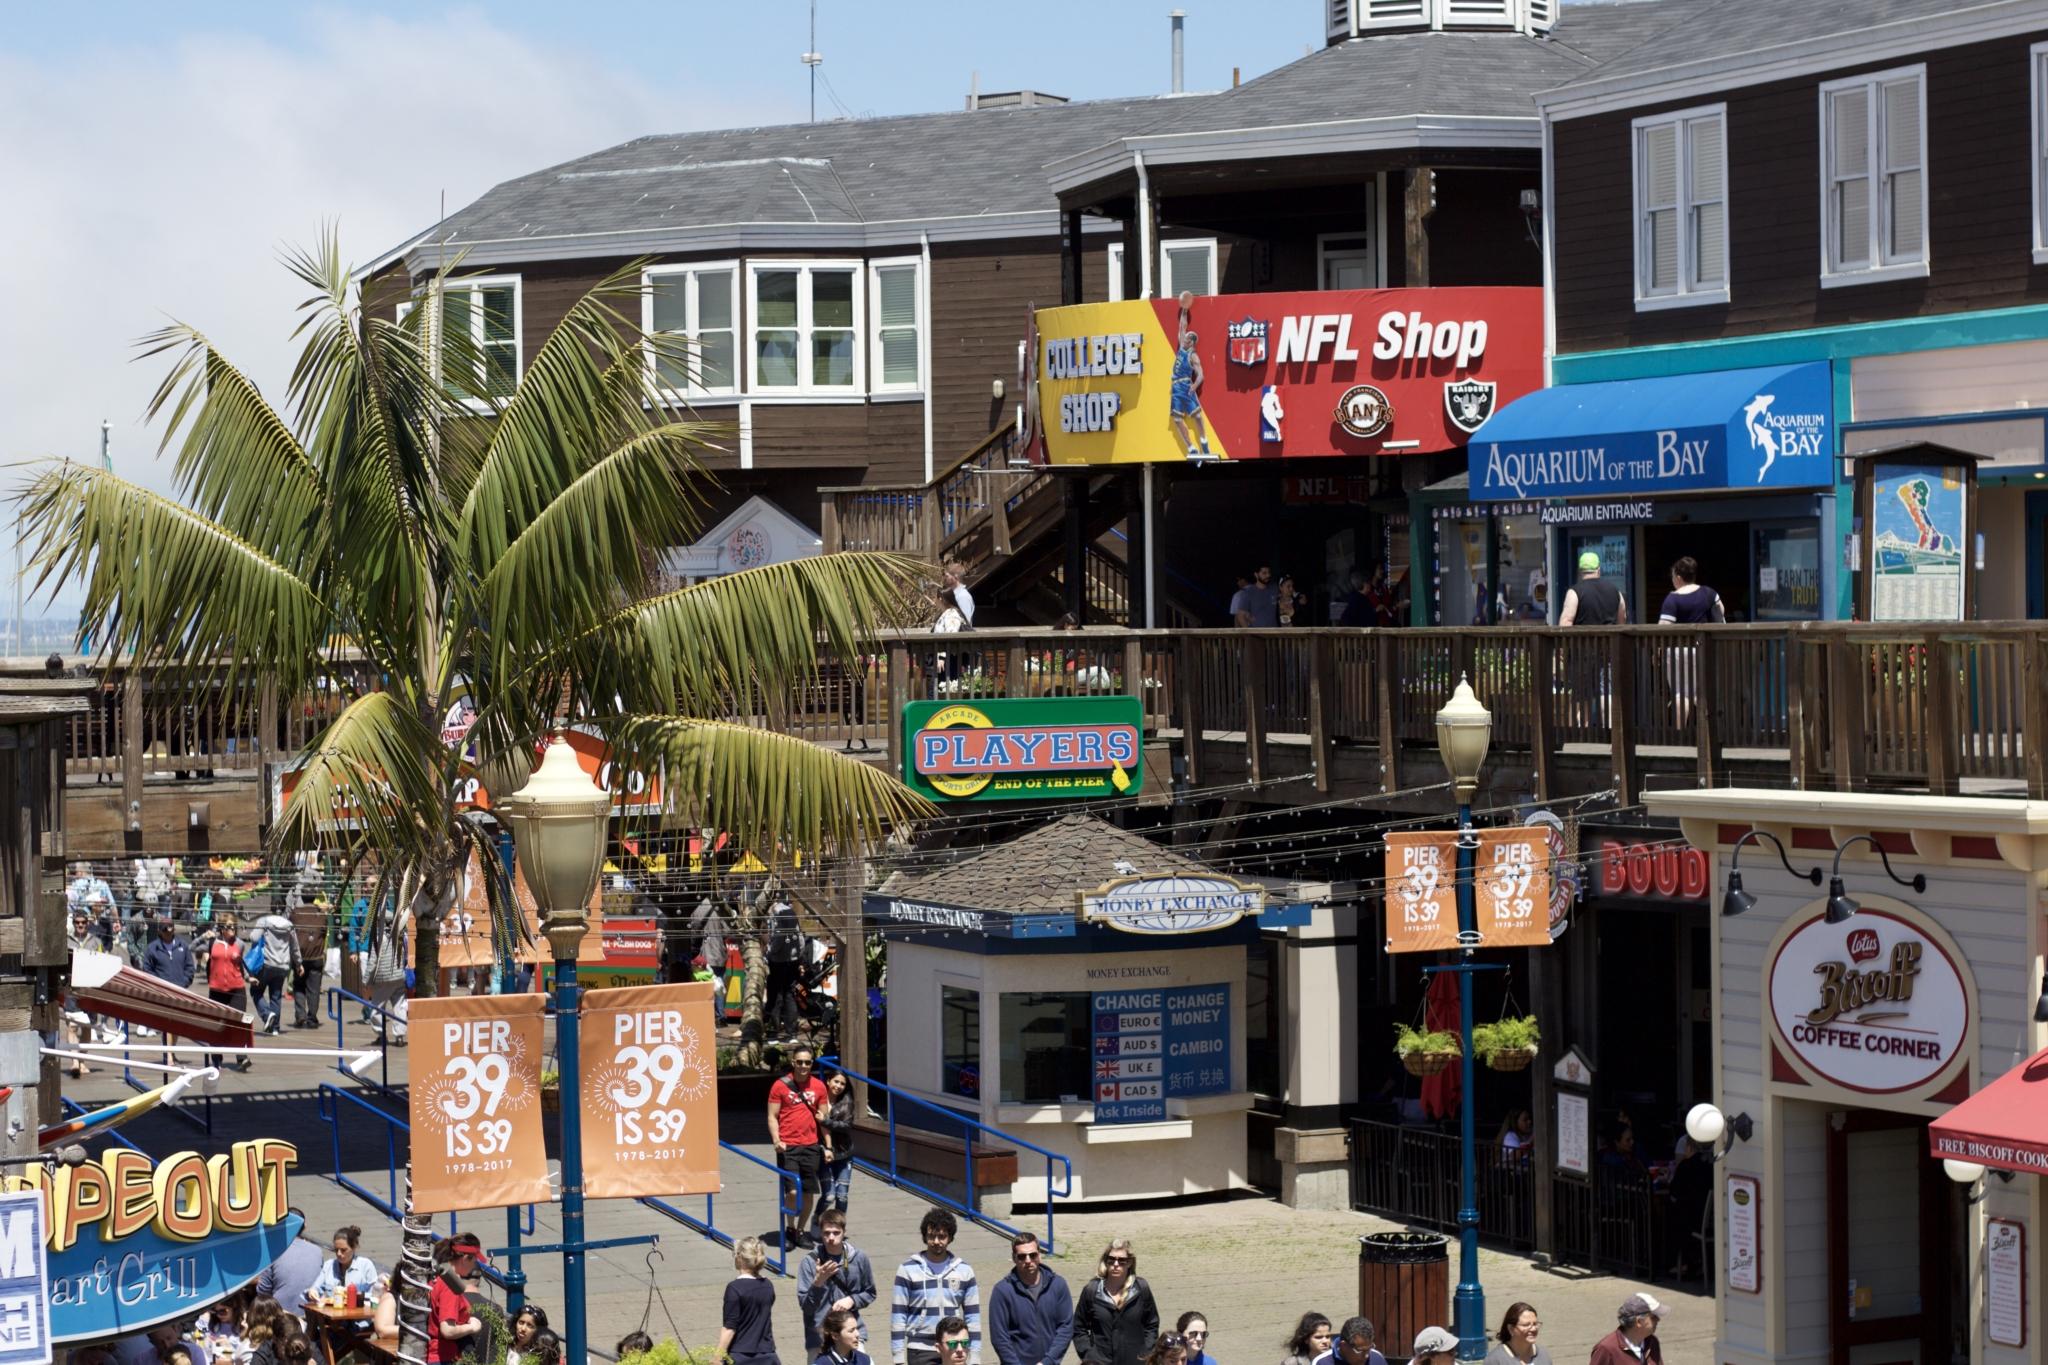 Ein Tag am Pier 39 in San Francisco - Erlebnisse und 5 Tipps für einen Tag am Pier 39 - Reise Blogger Tipps - Bild 3